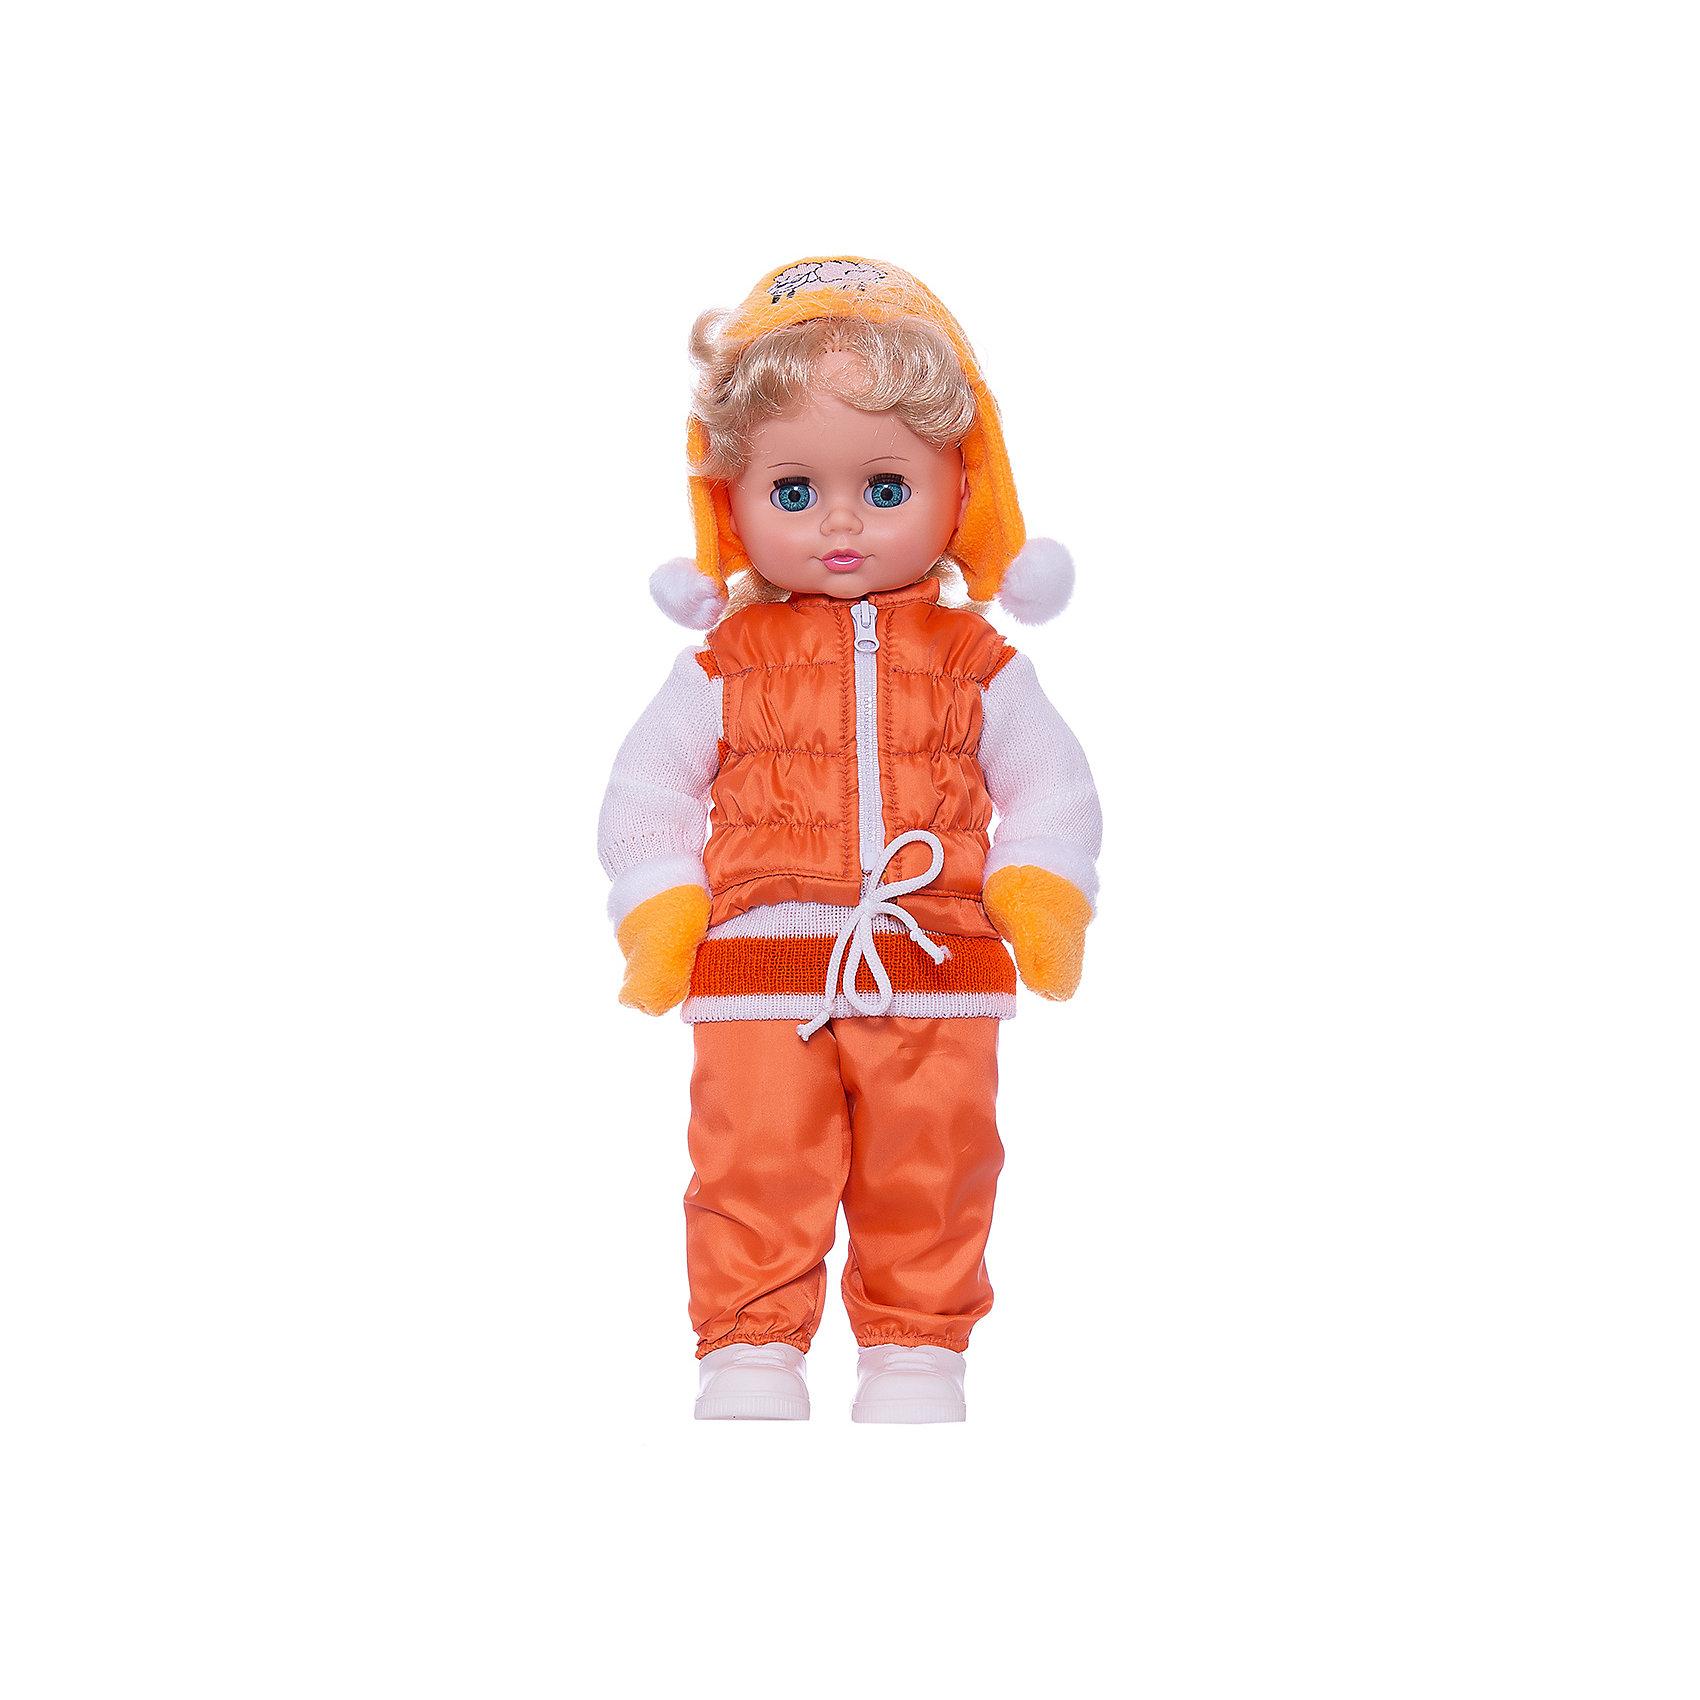 Кукла Инна 12, со звуком, ВеснаИнтерактивные куклы<br>Модно одетая красивая кукла от отечественного производителя способна не просто помочь ребенку весело проводить время, но и научить девочку одеваться со вкусом. На ней - модный костюм, всё можно снимать и надевать.<br>Кукла произносит несколько фраз, механизм работает от батареек. Очень красиво смотрятся пышные волосы, на которых можно делать прически. Сделана игрушка из качественных и безопасных для ребенка материалов. Такая кукла поможет ребенку освоить механизмы социальных взаимодействий, развить моторику и воображение. Также куклы помогают девочкам научиться заботиться о других.<br><br>Дополнительная информация:<br><br>- материал: пластмасса;<br>- волосы: прошивные;<br>- открывающиеся глаза;<br>- звуковой модуль;<br>- снимающаяся одежда и обувь;<br>- высота: 43 см.<br><br>Комплектация:<br><br>- одежда;<br>- три батарейки СЦ 357.<br><br>Куклу Инна 12, со звуком, от марки Весна можно купить в нашем магазине.<br><br>Ширина мм: 490<br>Глубина мм: 210<br>Высота мм: 130<br>Вес г: 550<br>Возраст от месяцев: 36<br>Возраст до месяцев: 1188<br>Пол: Женский<br>Возраст: Детский<br>SKU: 4701861